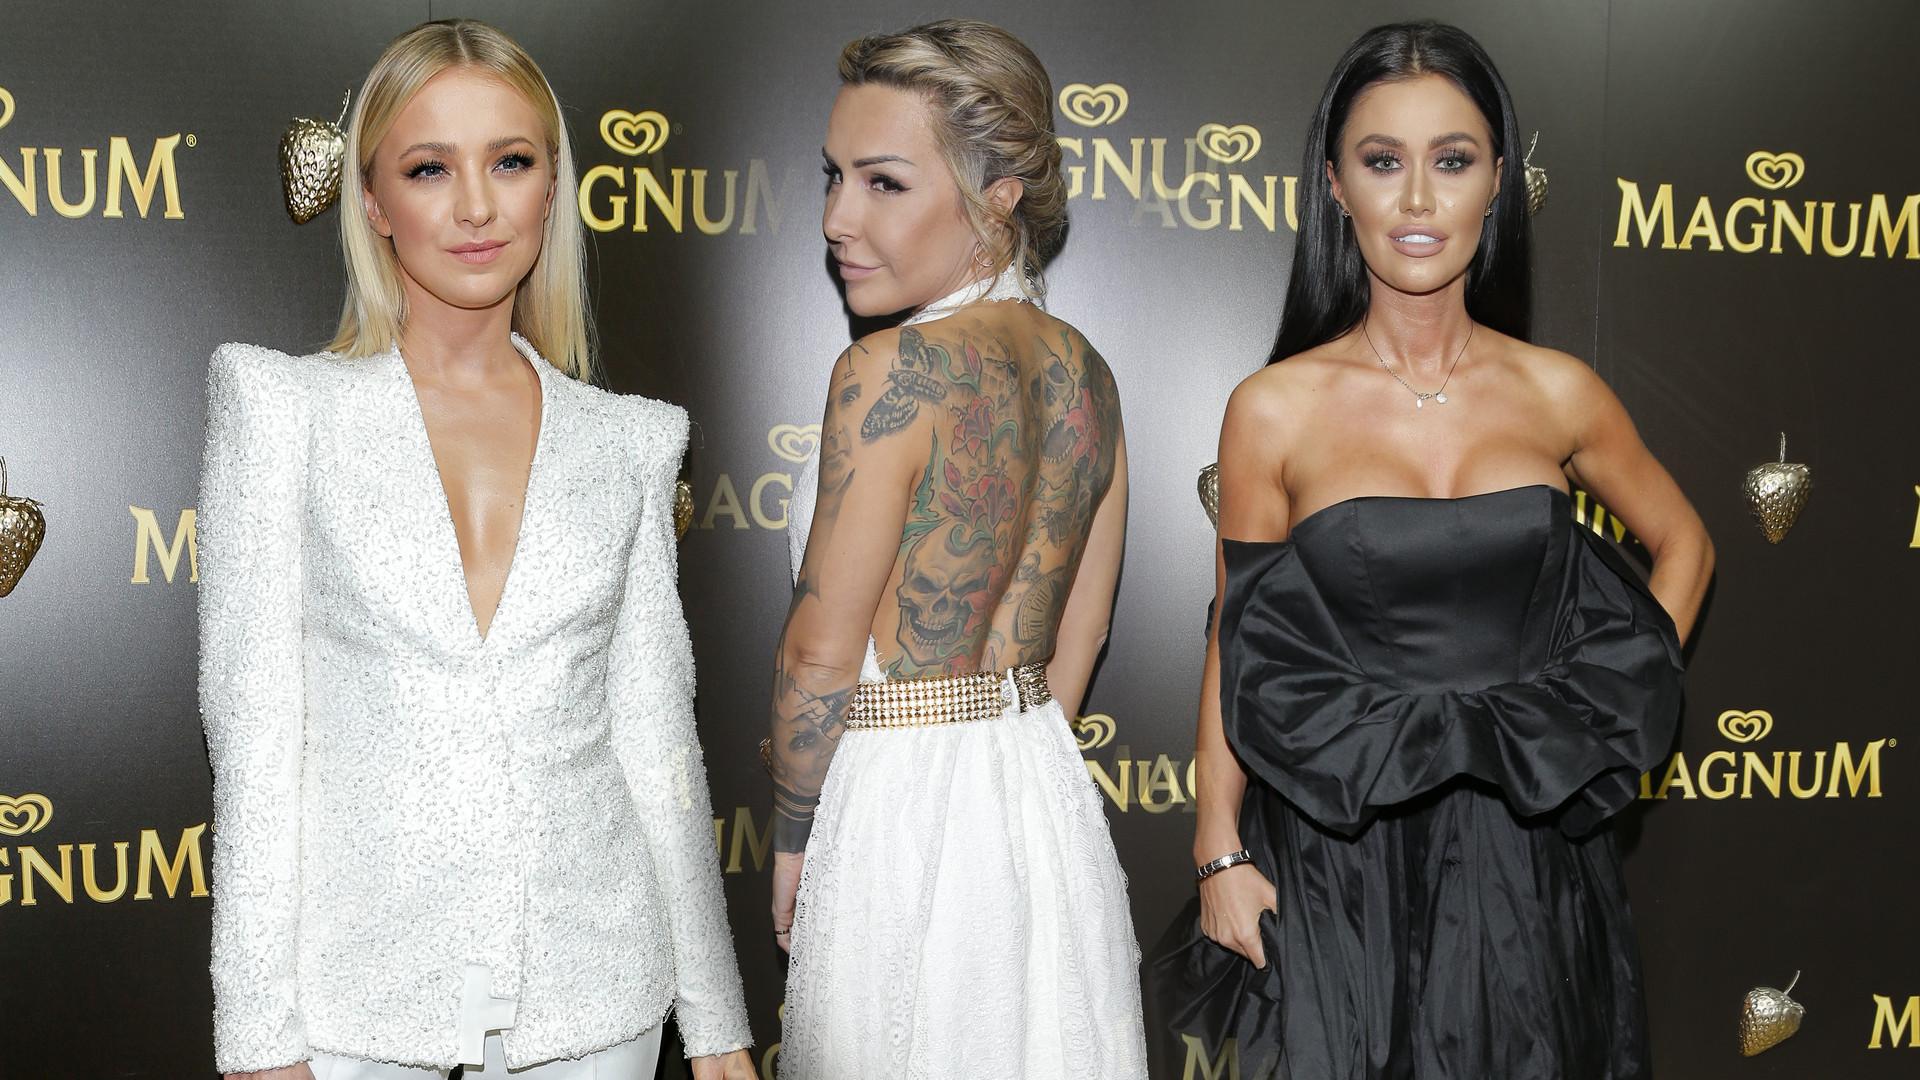 Mnóstwo gwiazd na 6. edycji Magnum Fashion Show: Woźniak-Starak, Kurdej-Szatan, Socha, Candy Girl, Baron i wiele innych (ZDJĘCIA)